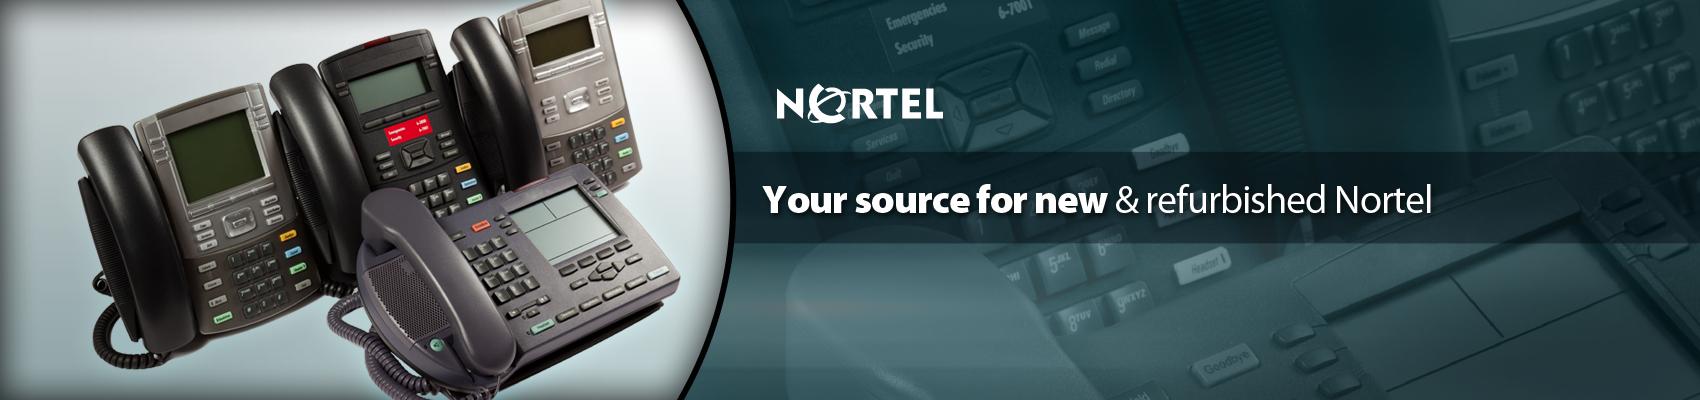 NetworkCrazeNortel